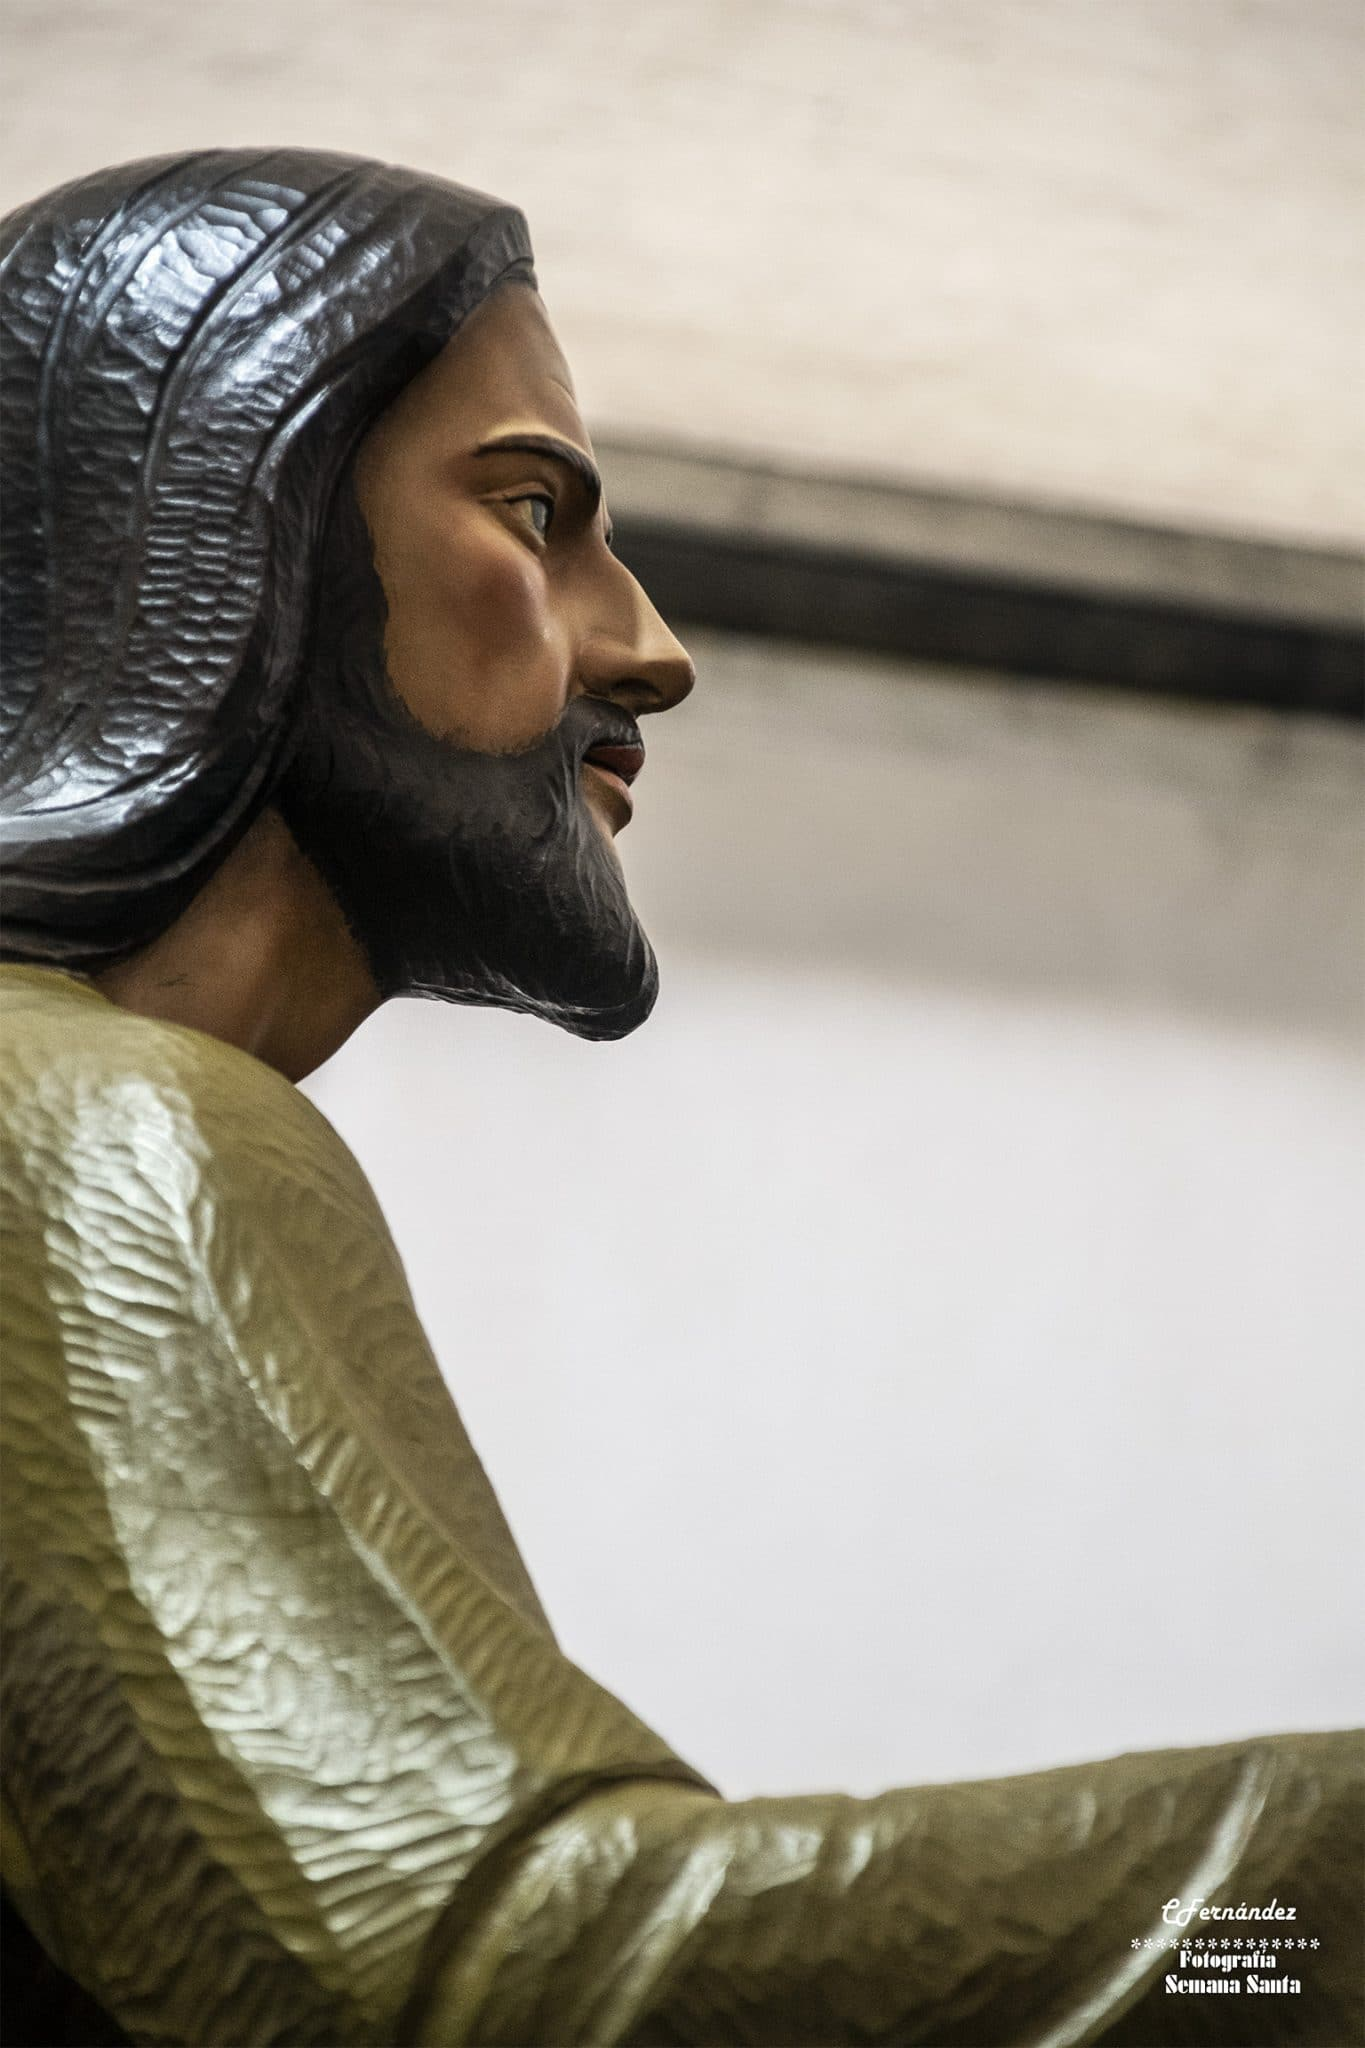 Procesión de la Santa Cena, León 6